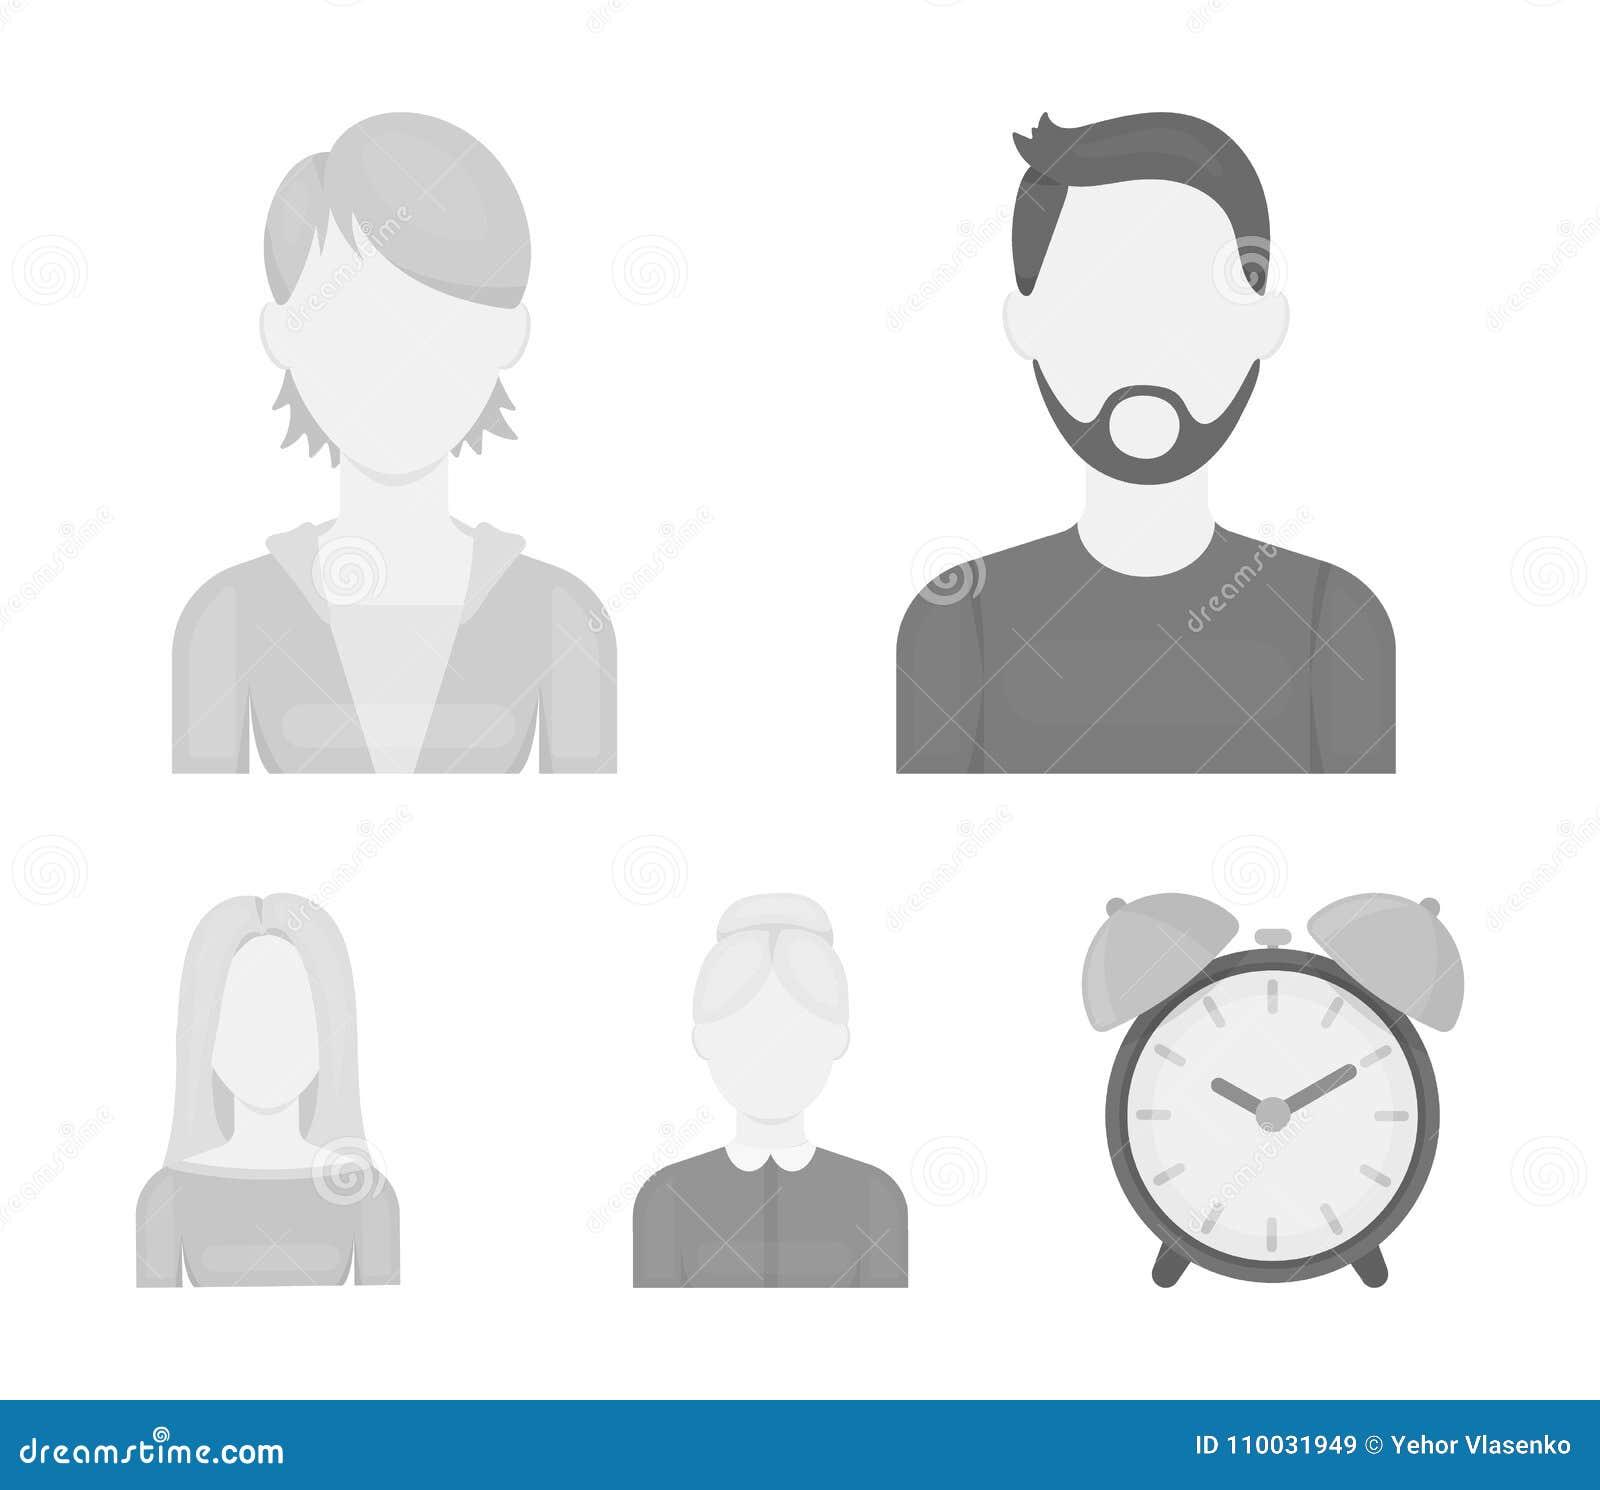 Een man met een baard en een snor, een roodharig meisje, een oude vrouw, een blonde Avatar vastgestelde inzamelingspictogrammen i